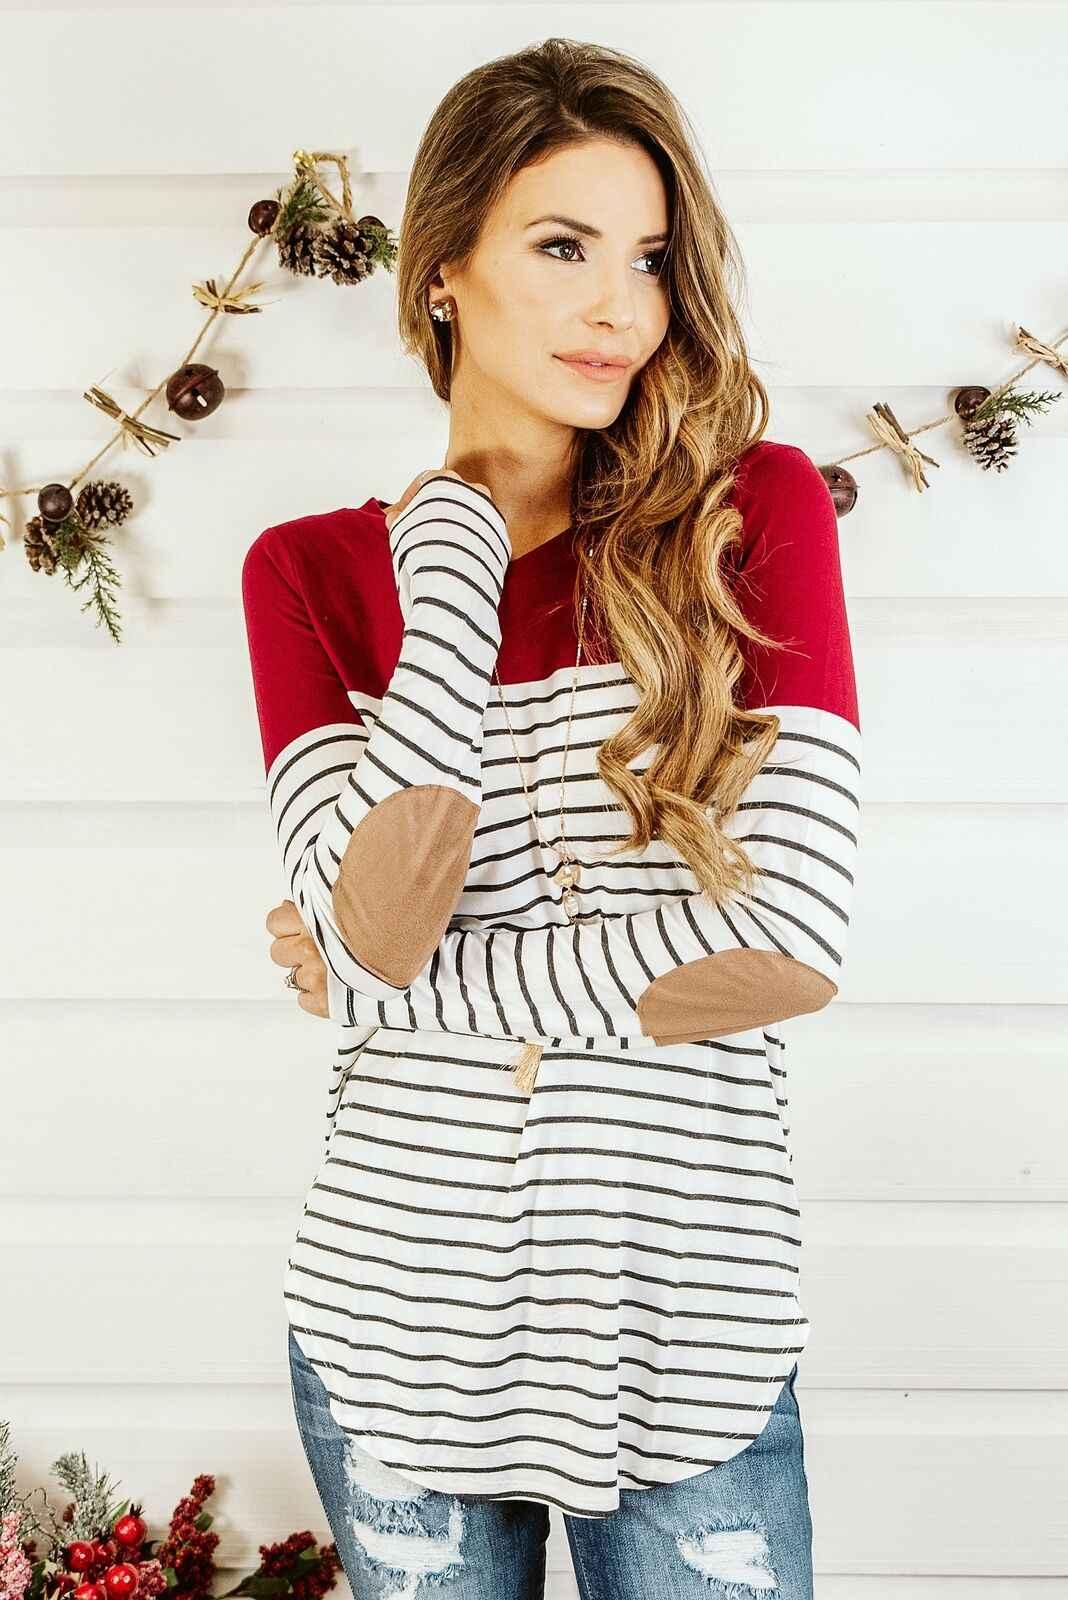 2019 الملابس للنساء الحوامل تي شيرت طويل كم مخطط س الرقبة التمريض قمم الرضاعة الطبيعية الخريف الربيع الإناث عارضة تيز